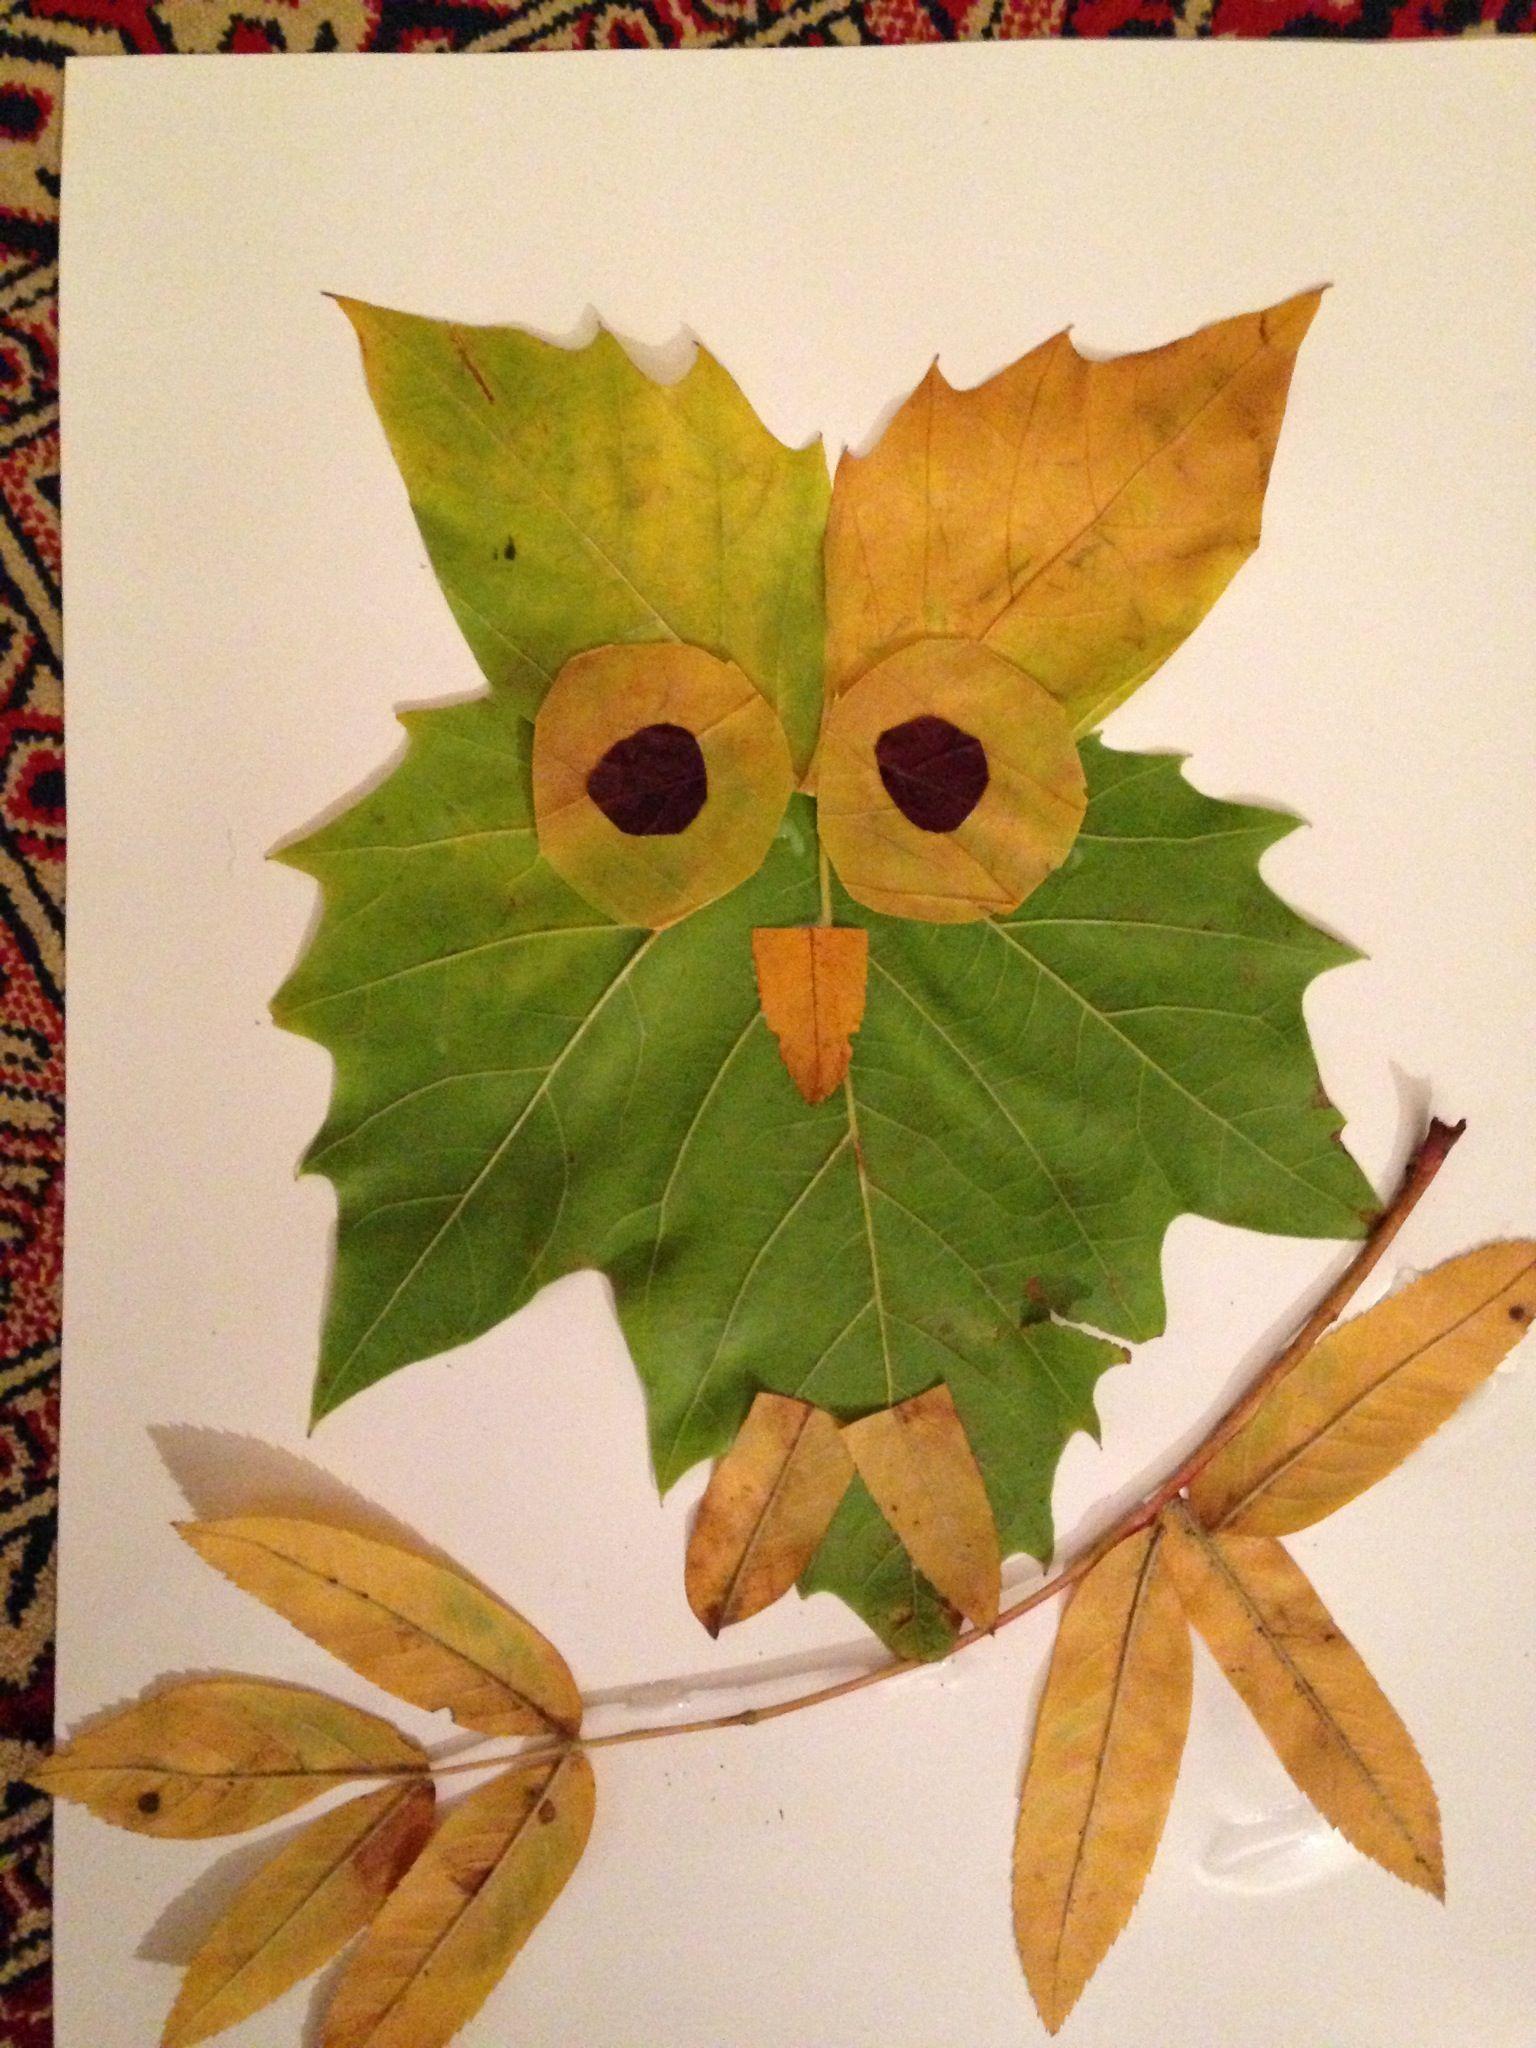 Owl Leaf Collage